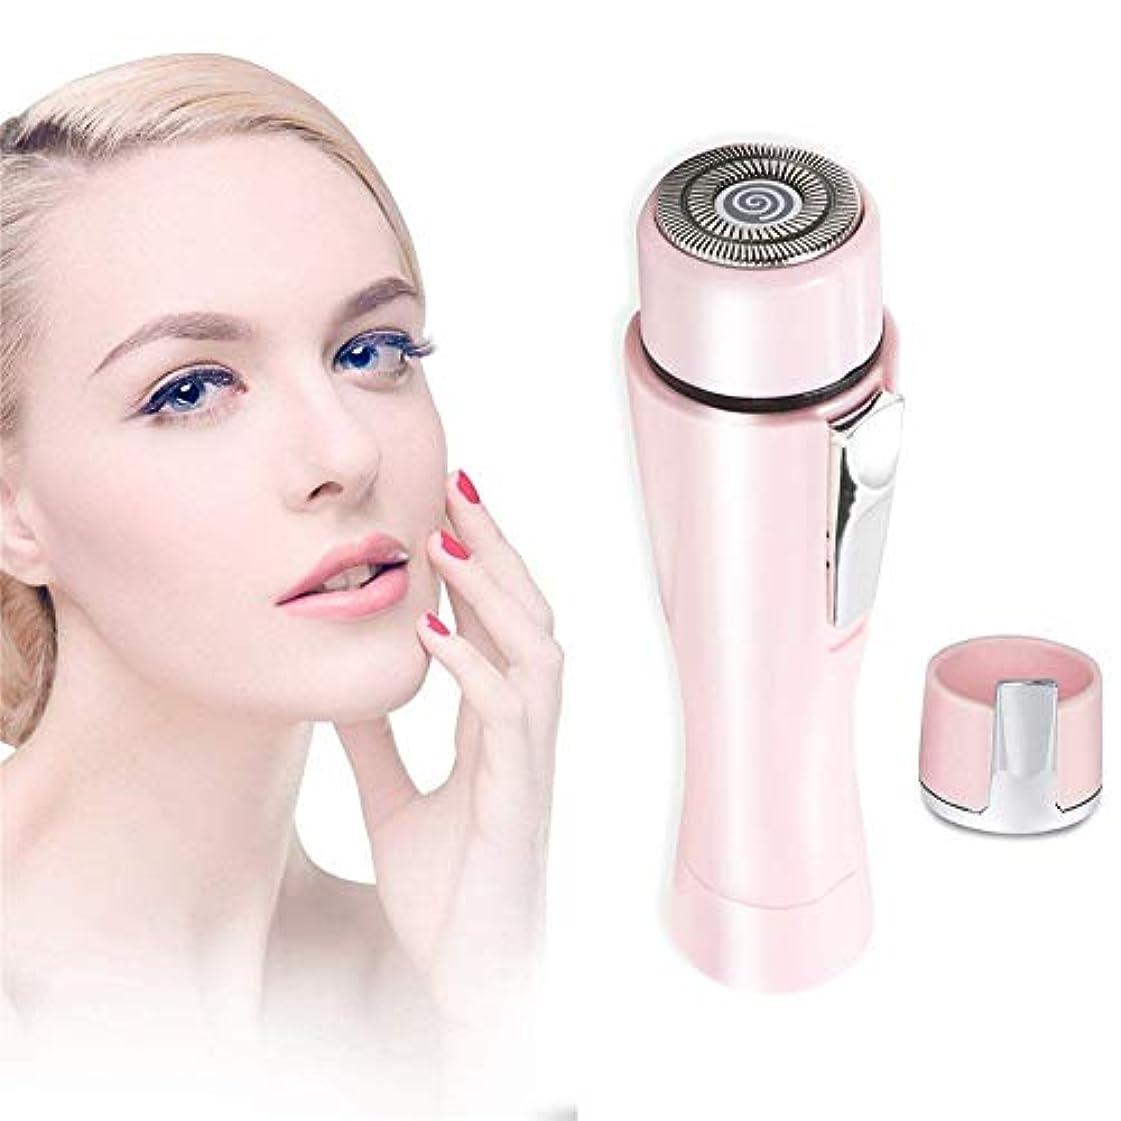 作りますコミットメント害虫電気毛の除去剤、痛みのない顔の毛の除去剤、完璧な女性の顔の毛のトリマー - ピーチファズ、あご&上唇の口ひげの毛の効果的な除去